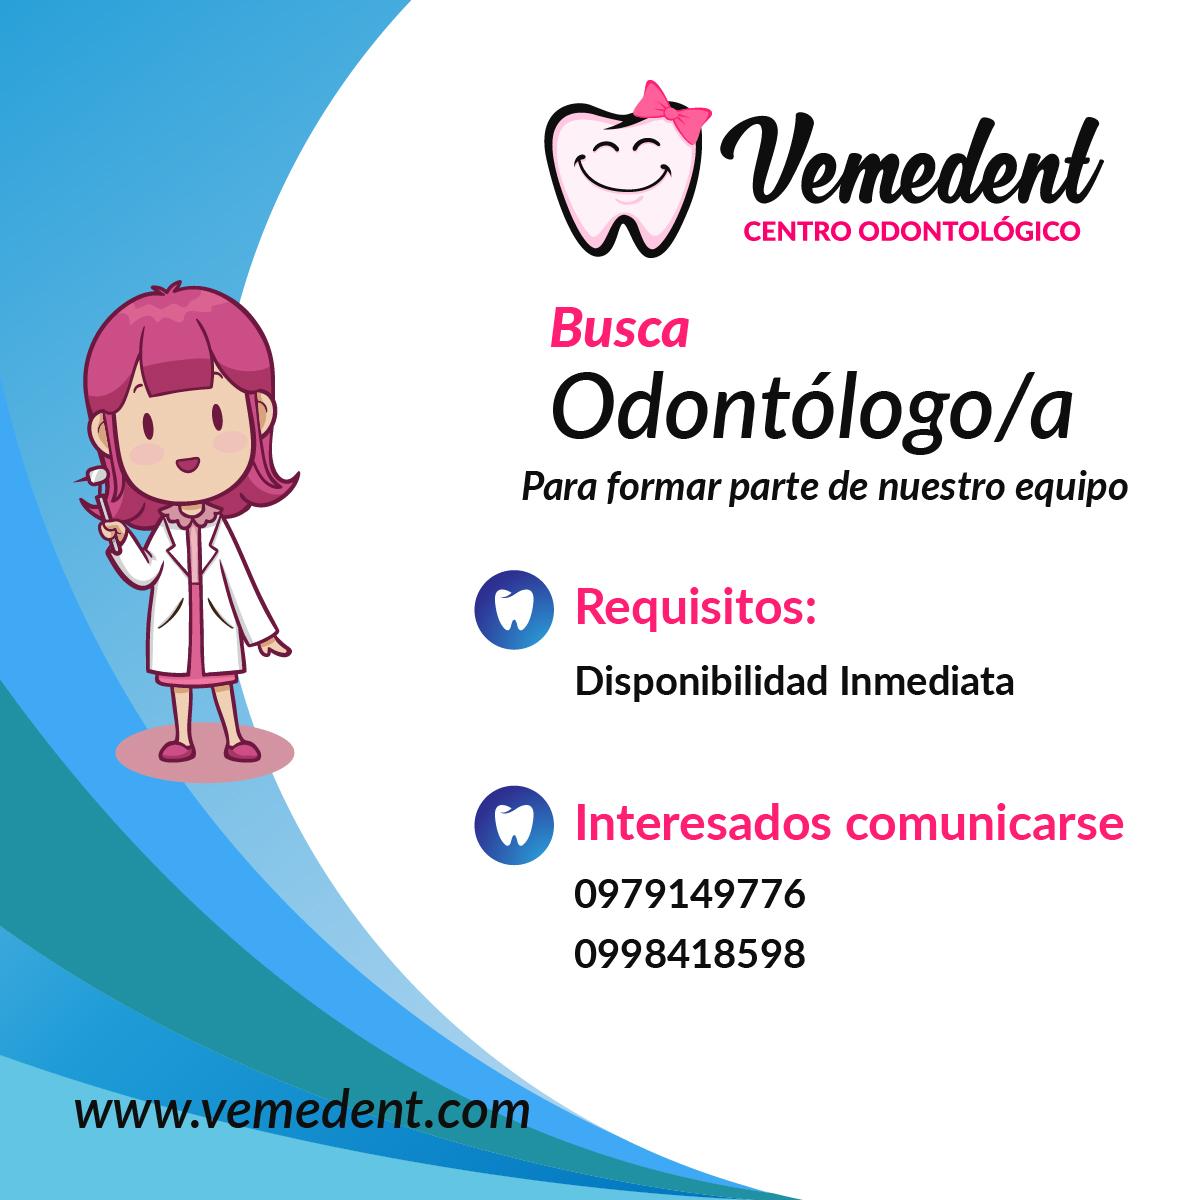 Buscamos Odontólogo